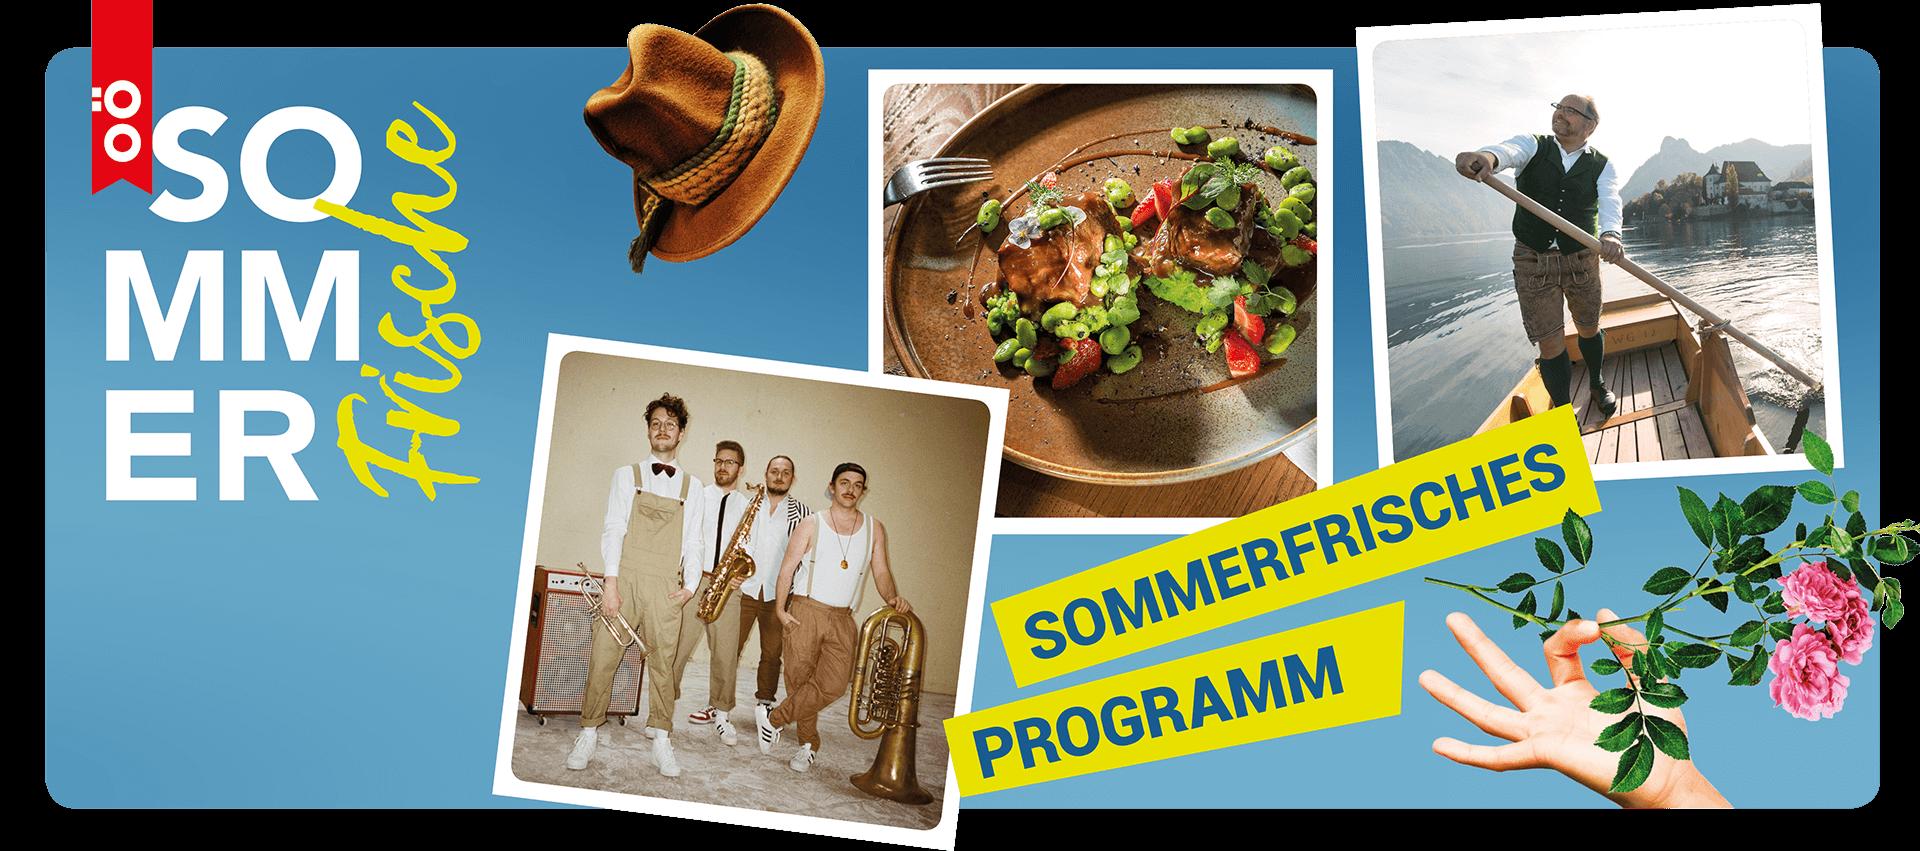 Auf blauem Hintergrund sind verschiedene Bilder zu sehen, die mit der Sommerfrische in Verbindung stehen: die Band Blechsalat, ein Teller mit Essen und Mann, der über einen See rudert.